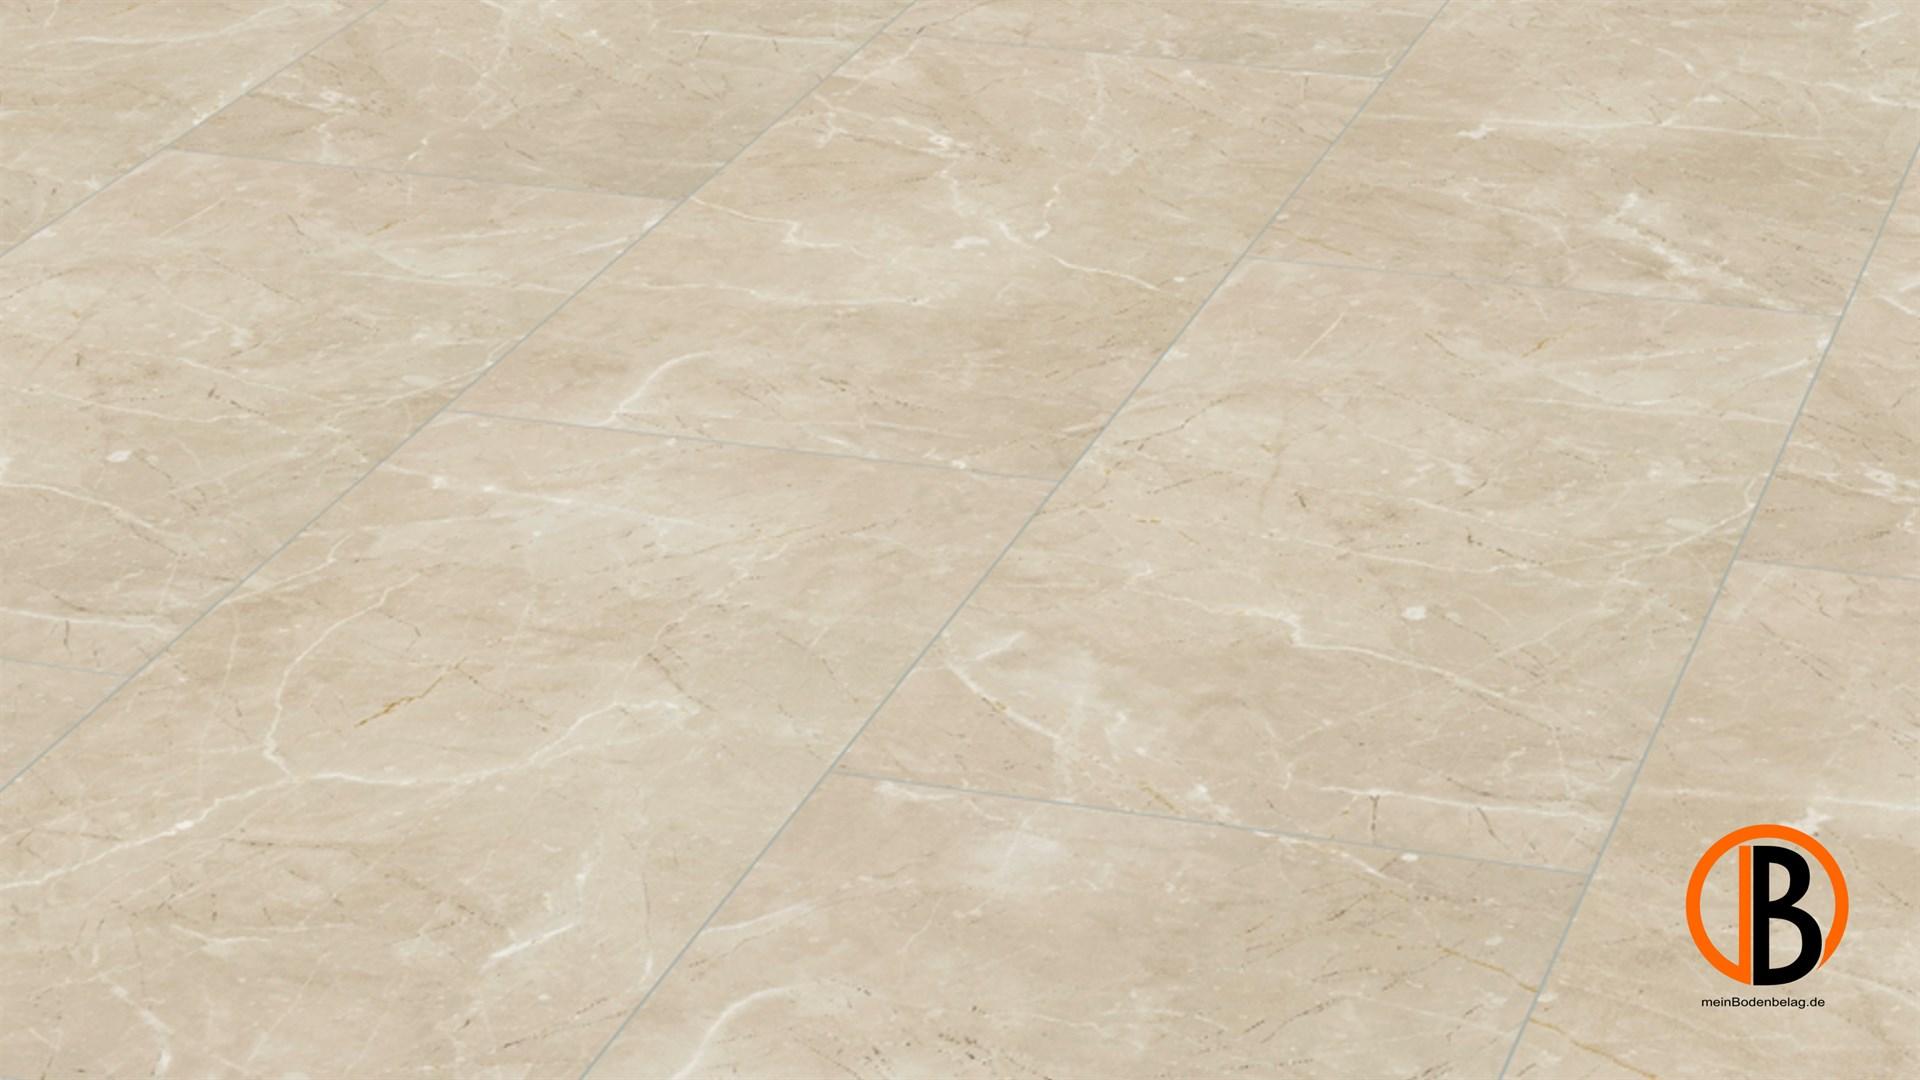 CINQUE KRONOTEX LAMINAT GLAMOUR | 10003562;0 | Bild 1